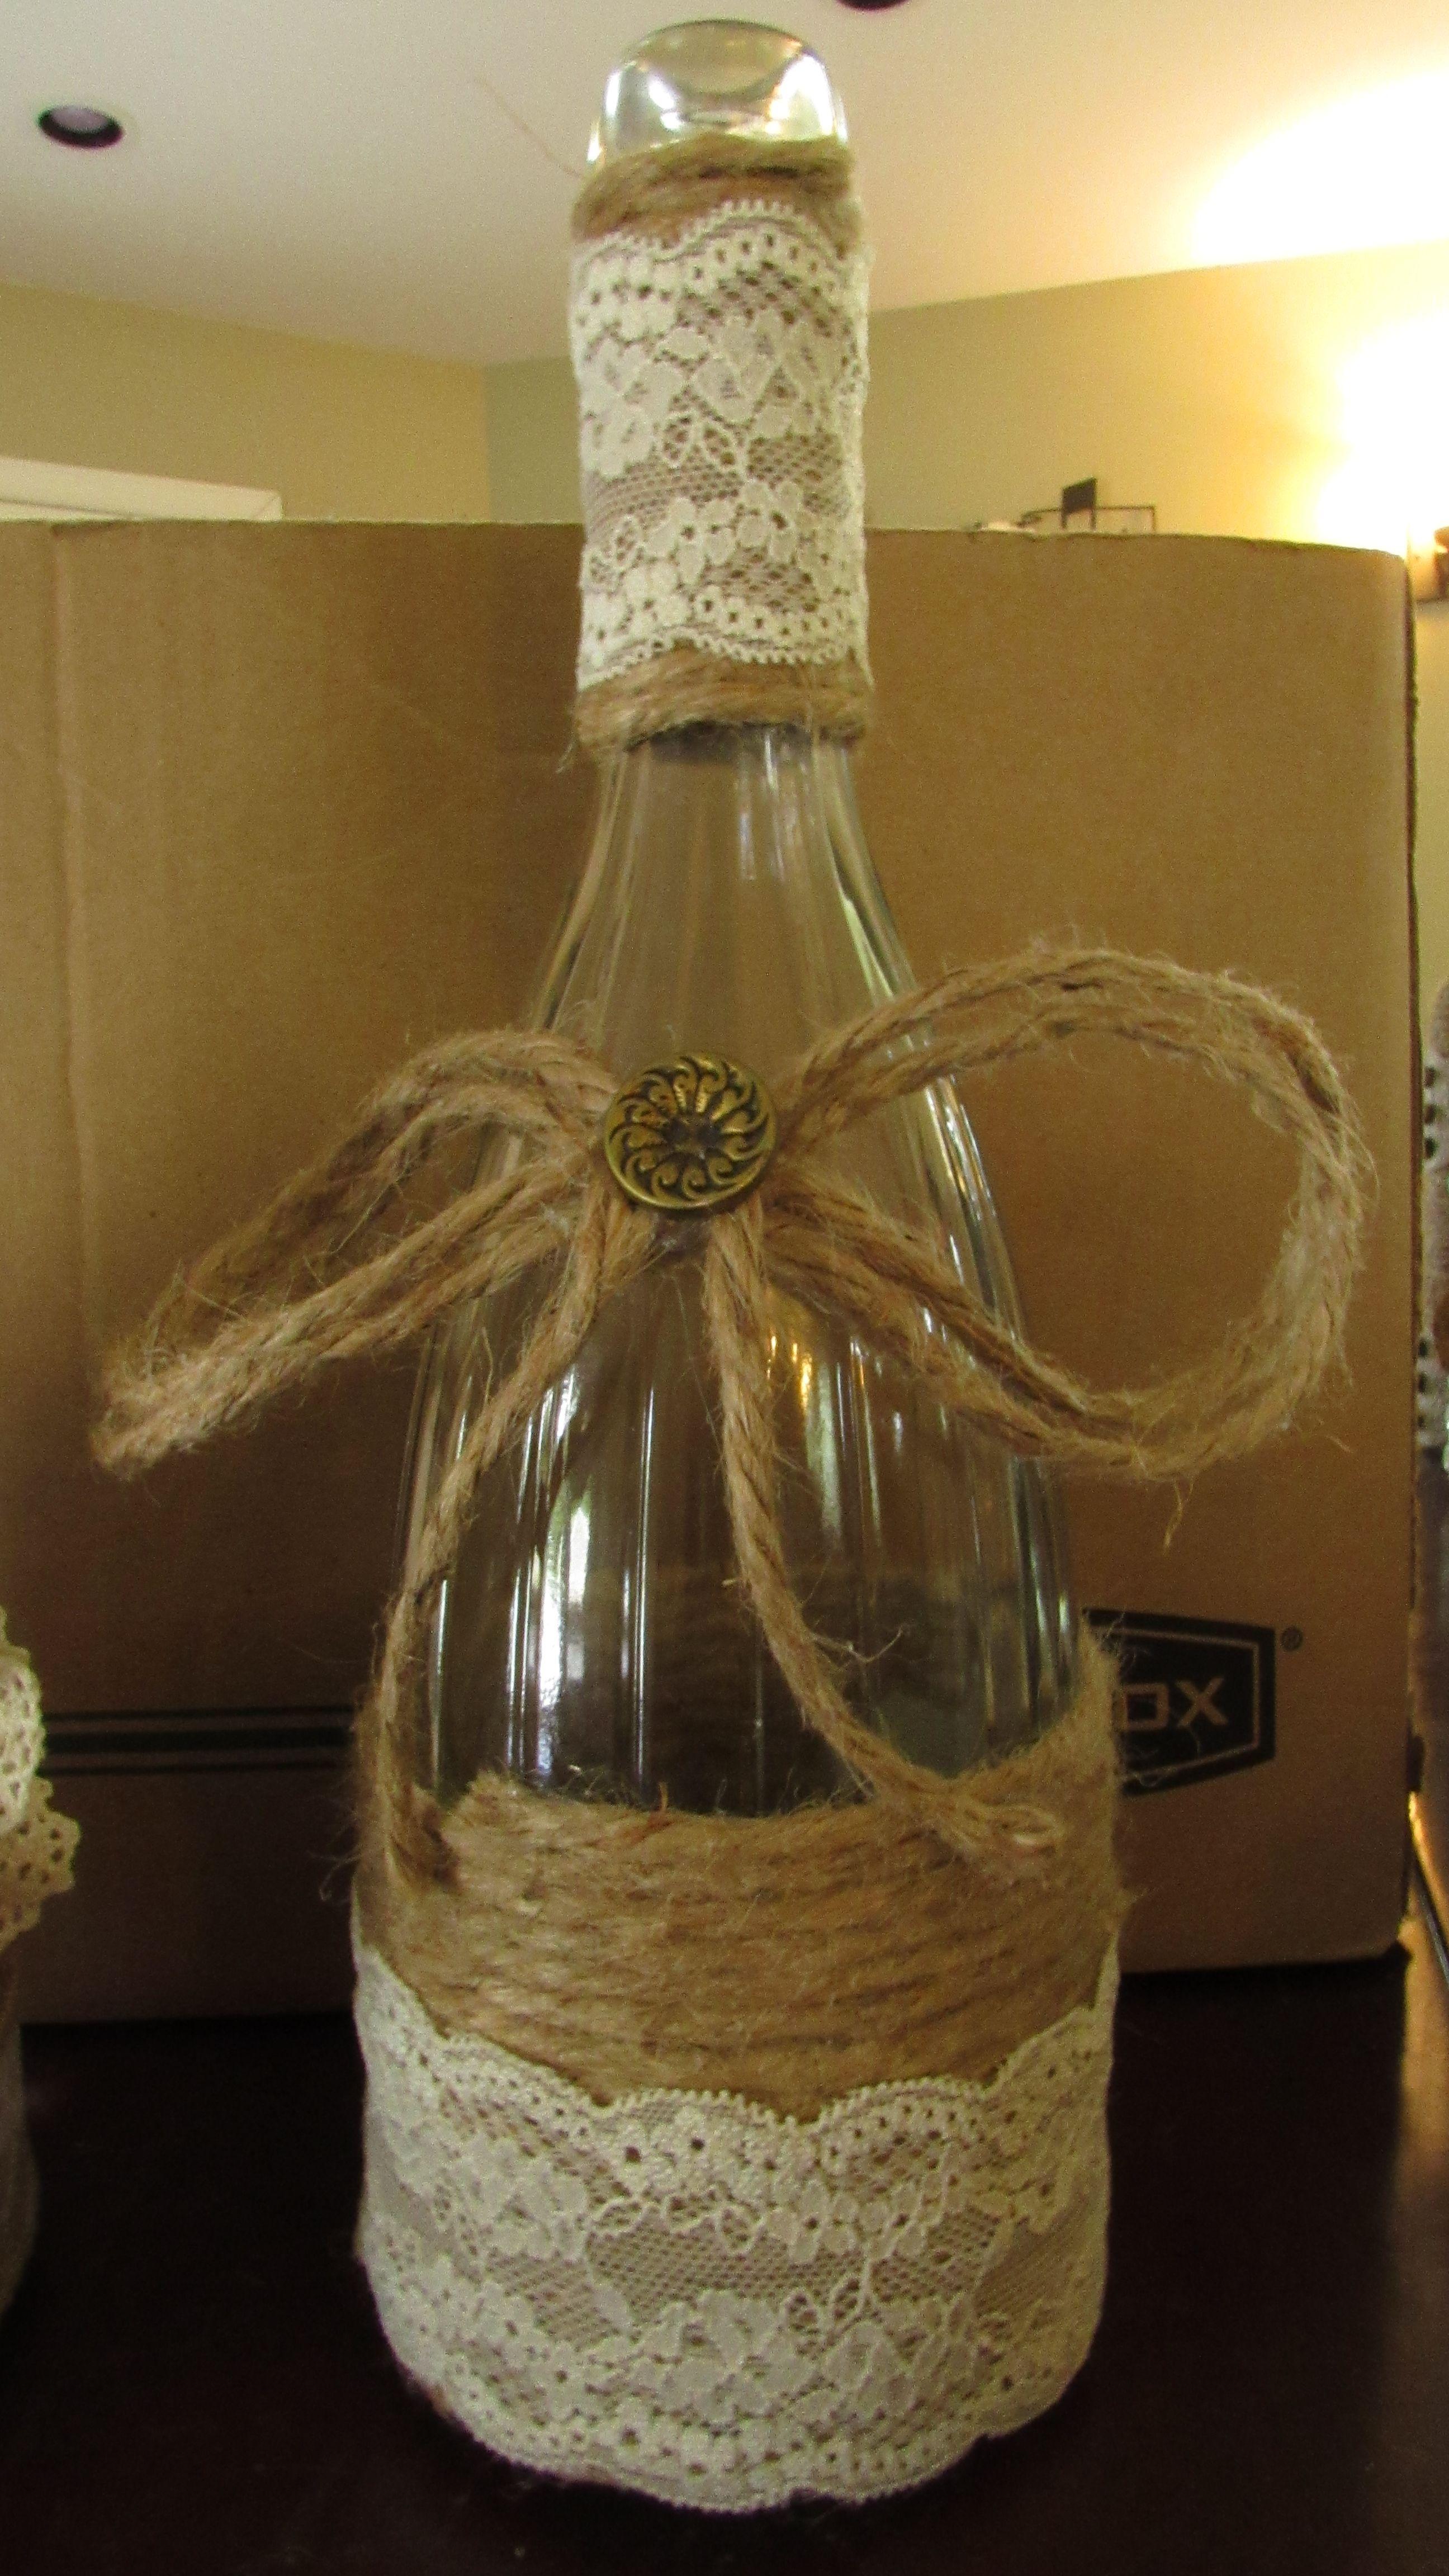 DIY Rustic Wine Bottle Centerpiece   Wine bottle centerpieces, Rustic wine  bottle, Bottles decoration